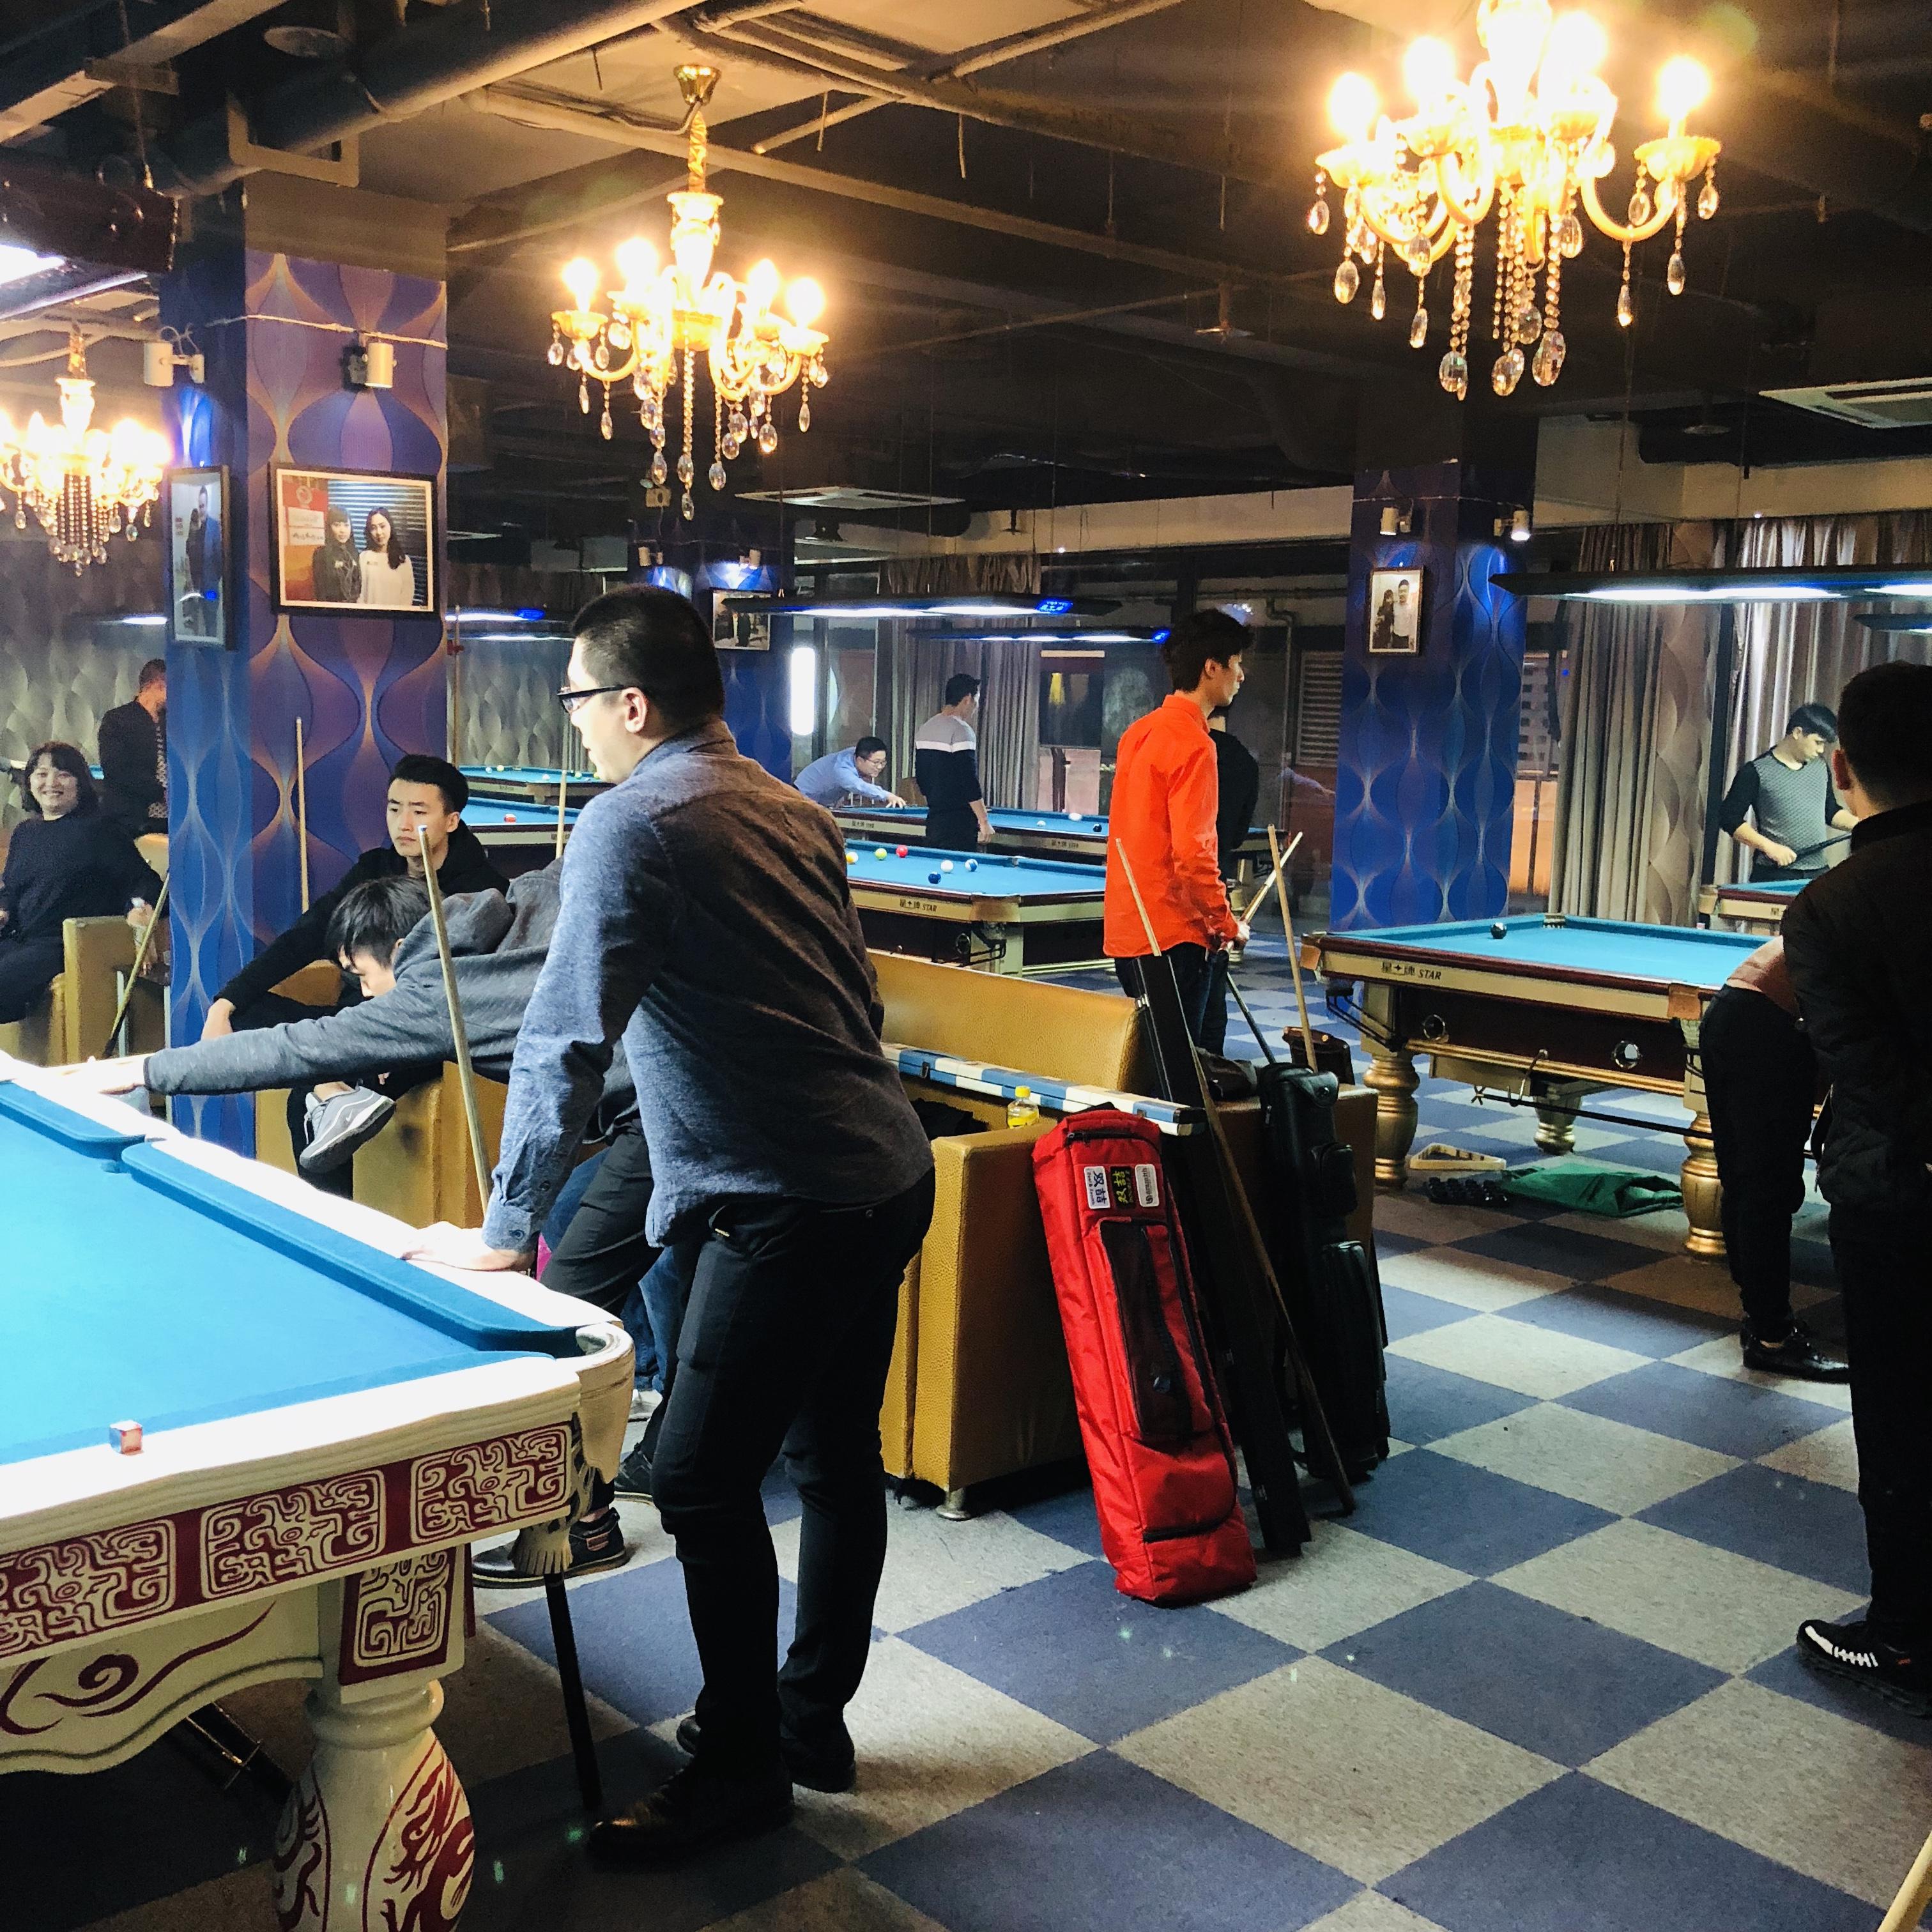 【星联盟】南京中华路夜时尚台球俱乐部_星牌联盟球房